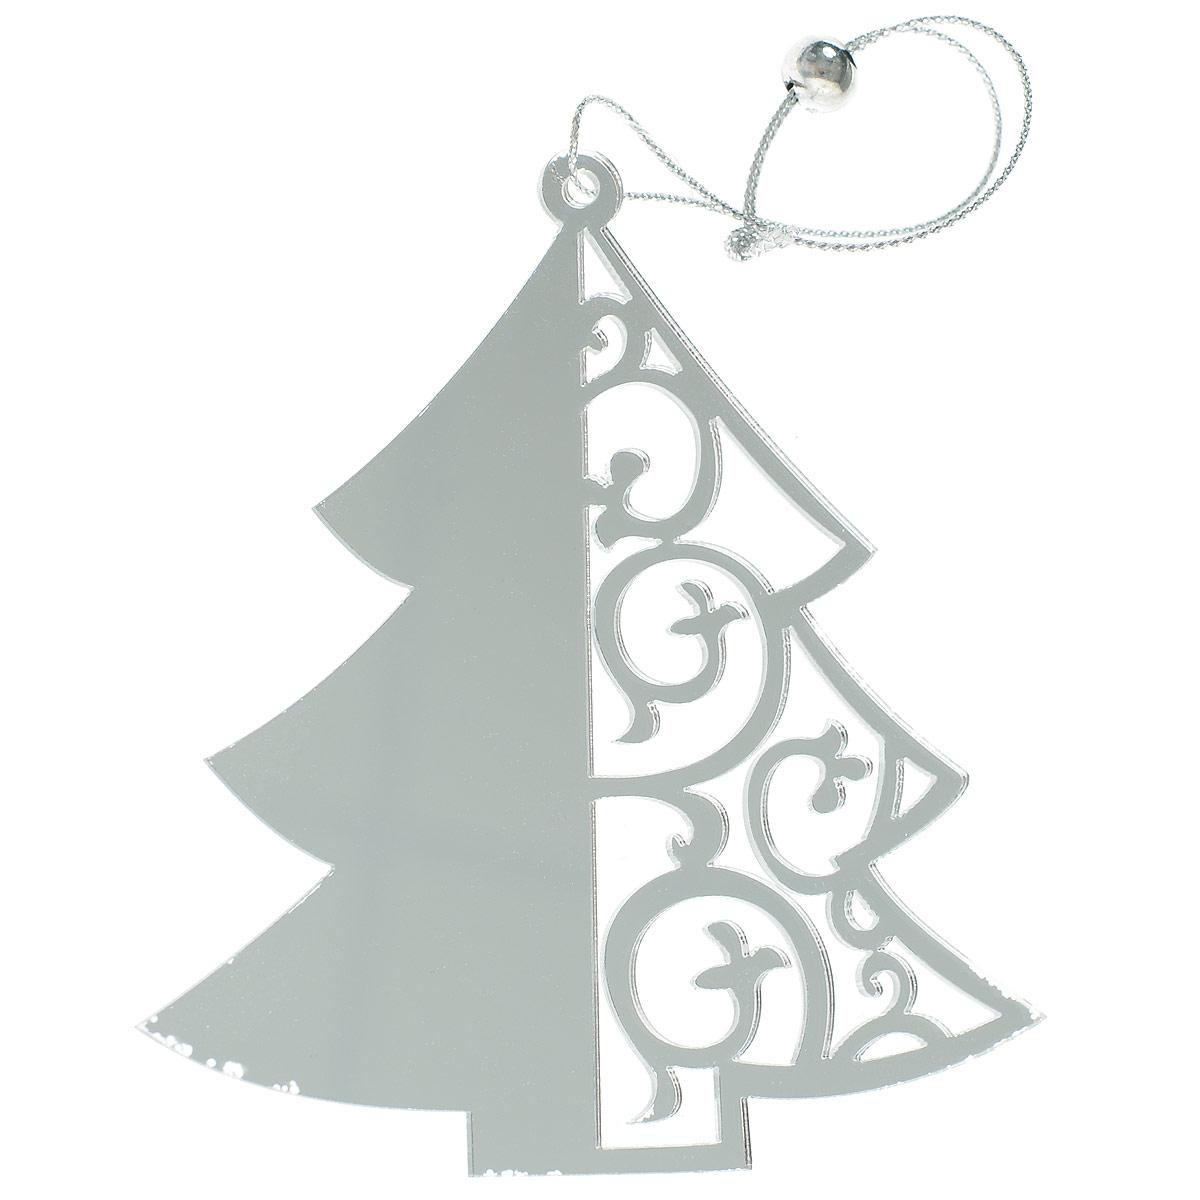 Новогоднее подвесное украшение Елка, цвет: серебристый. 70299701304Новогоднее украшение Елка отлично подойдет для декорации вашего дома и новогодней ели. Игрушка выполнена из пластика в виде узорной новогодней елочки. Украшение оснащено специальной текстильной петелькой для подвешивания. Елочная игрушка - символ Нового года. Она несет в себе волшебство и красоту праздника. Создайте в своем доме атмосферу веселья и радости, украшая всей семьей новогоднюю елку нарядными игрушками, которые будут из года в год накапливать теплоту воспоминаний.